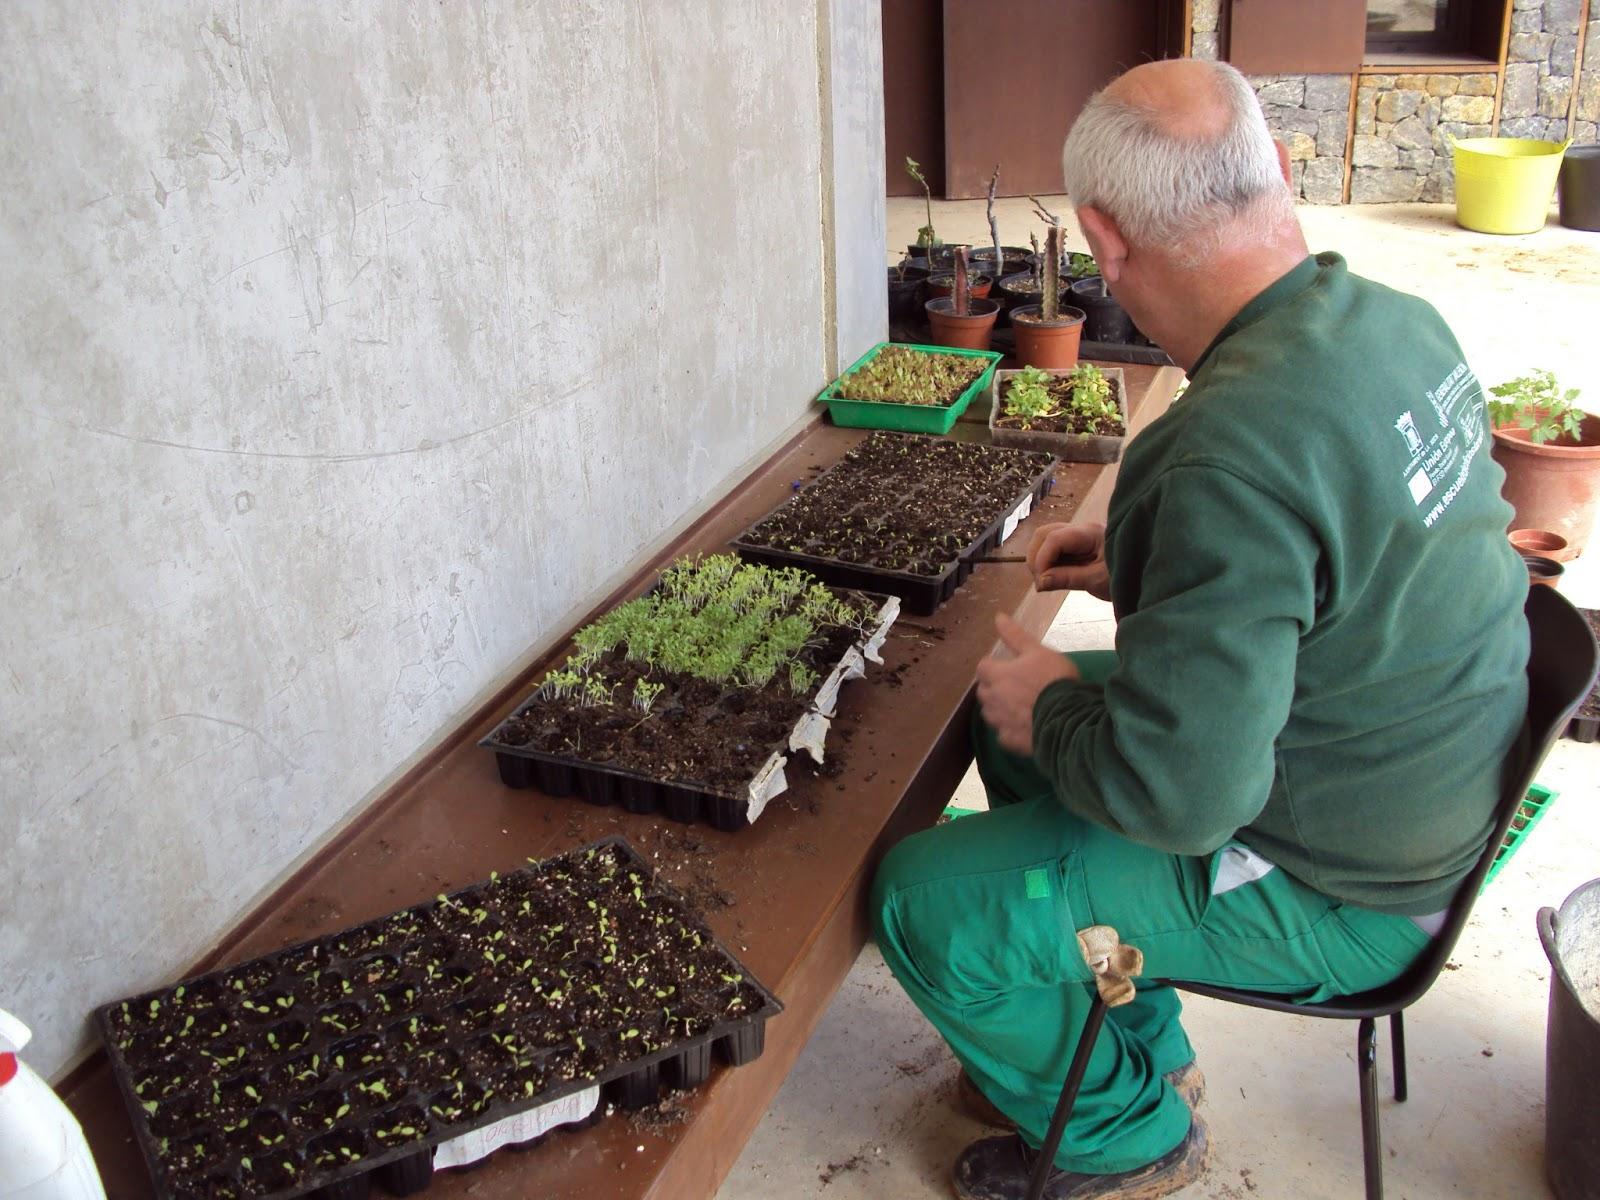 Curso de instalaci n y mantenimiento de jardines y zonas for Formacion jardineria